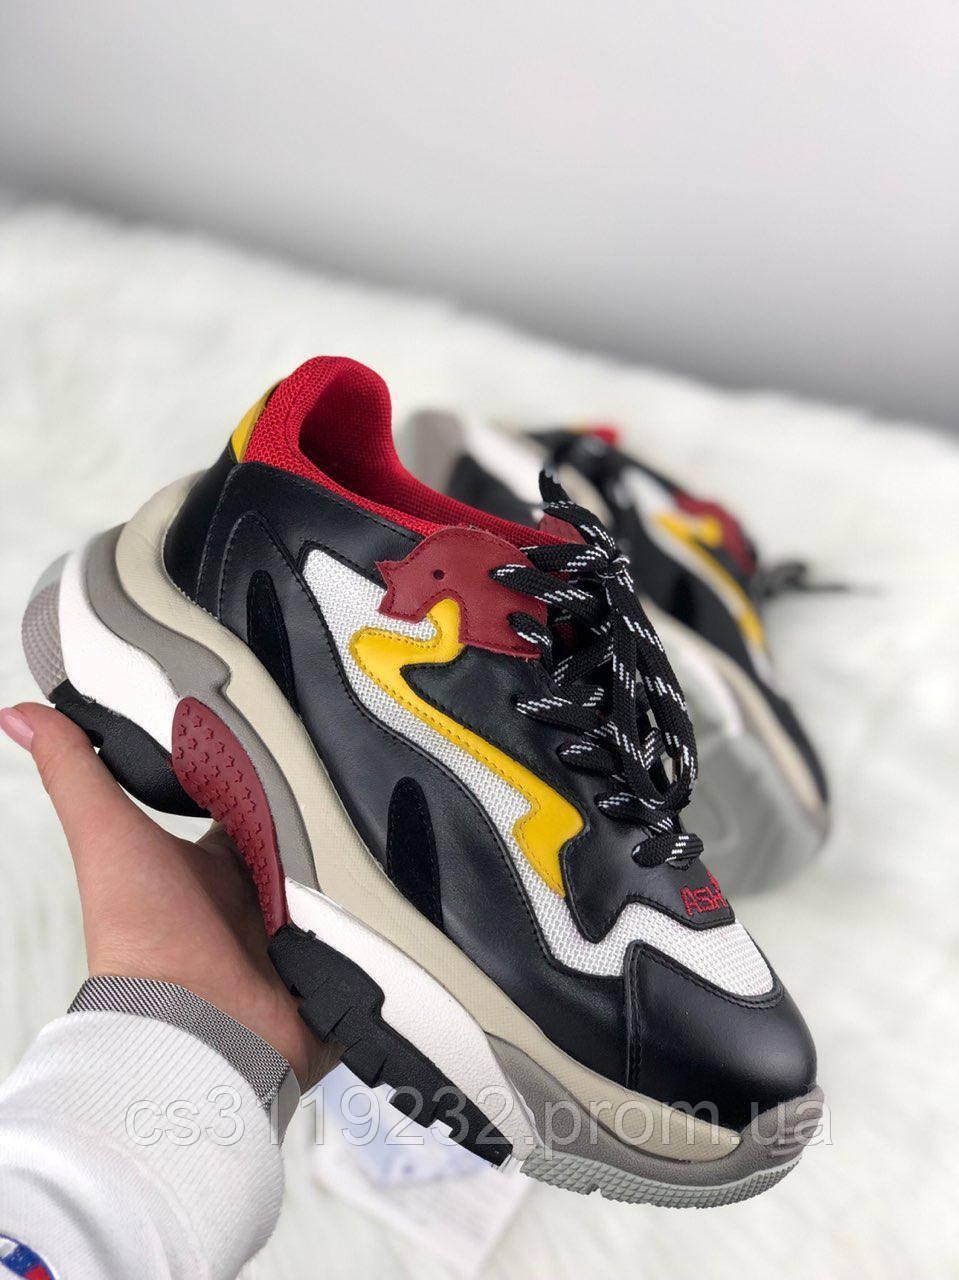 Женские кроссовки Addict Sneakers Black Red White (черный/красный/белый)